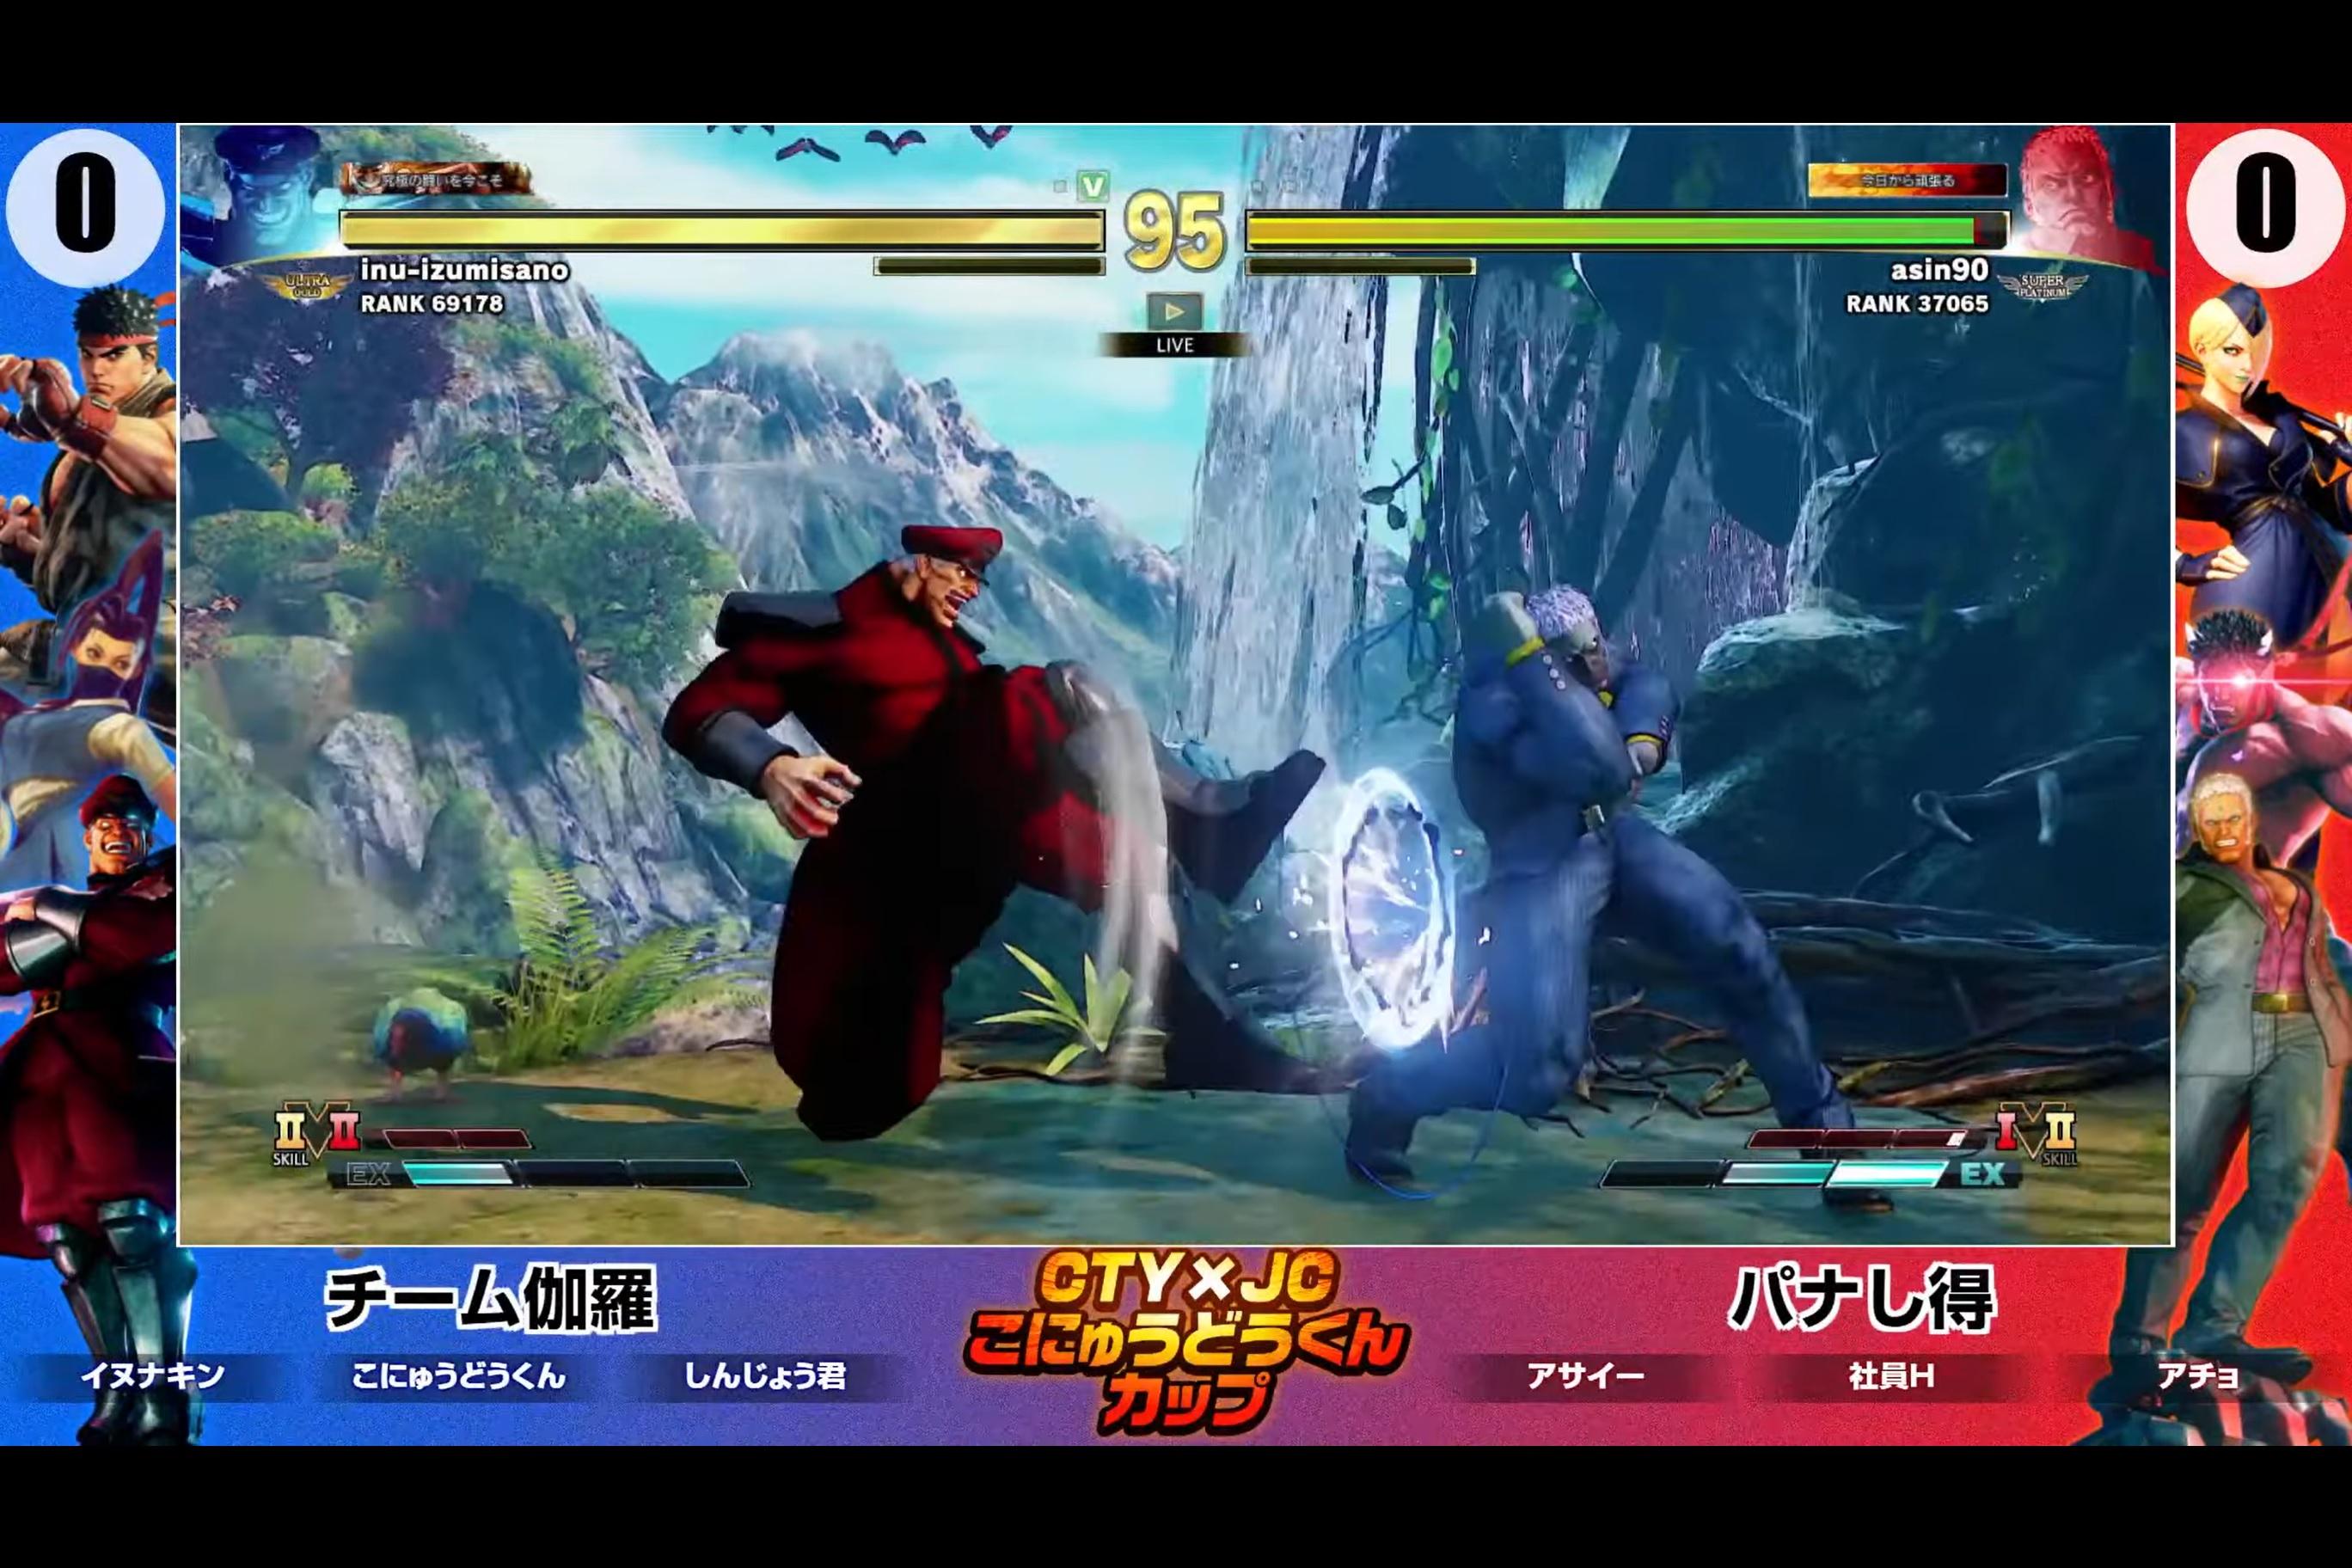 イヌナキン(ベガ)vsアサイー(ユリアン)の試合。ダブルニープレスで攻撃をしかけるイヌナキ